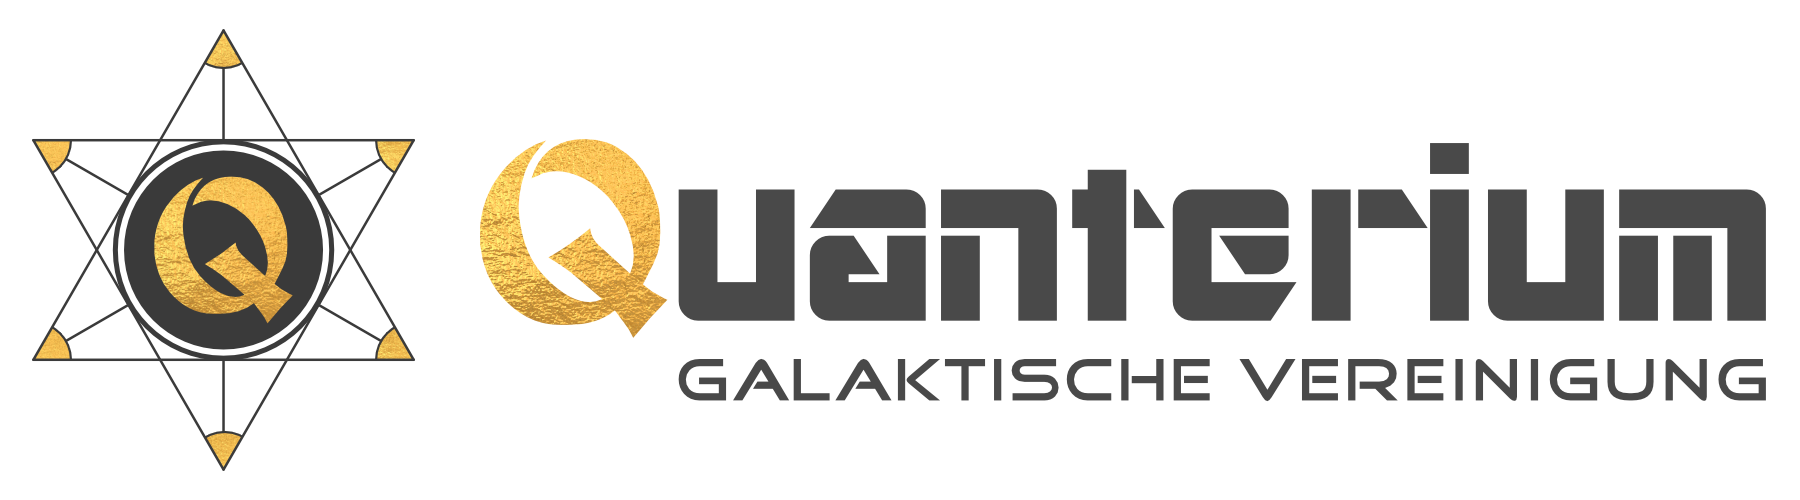 Galaktische Vereinigung